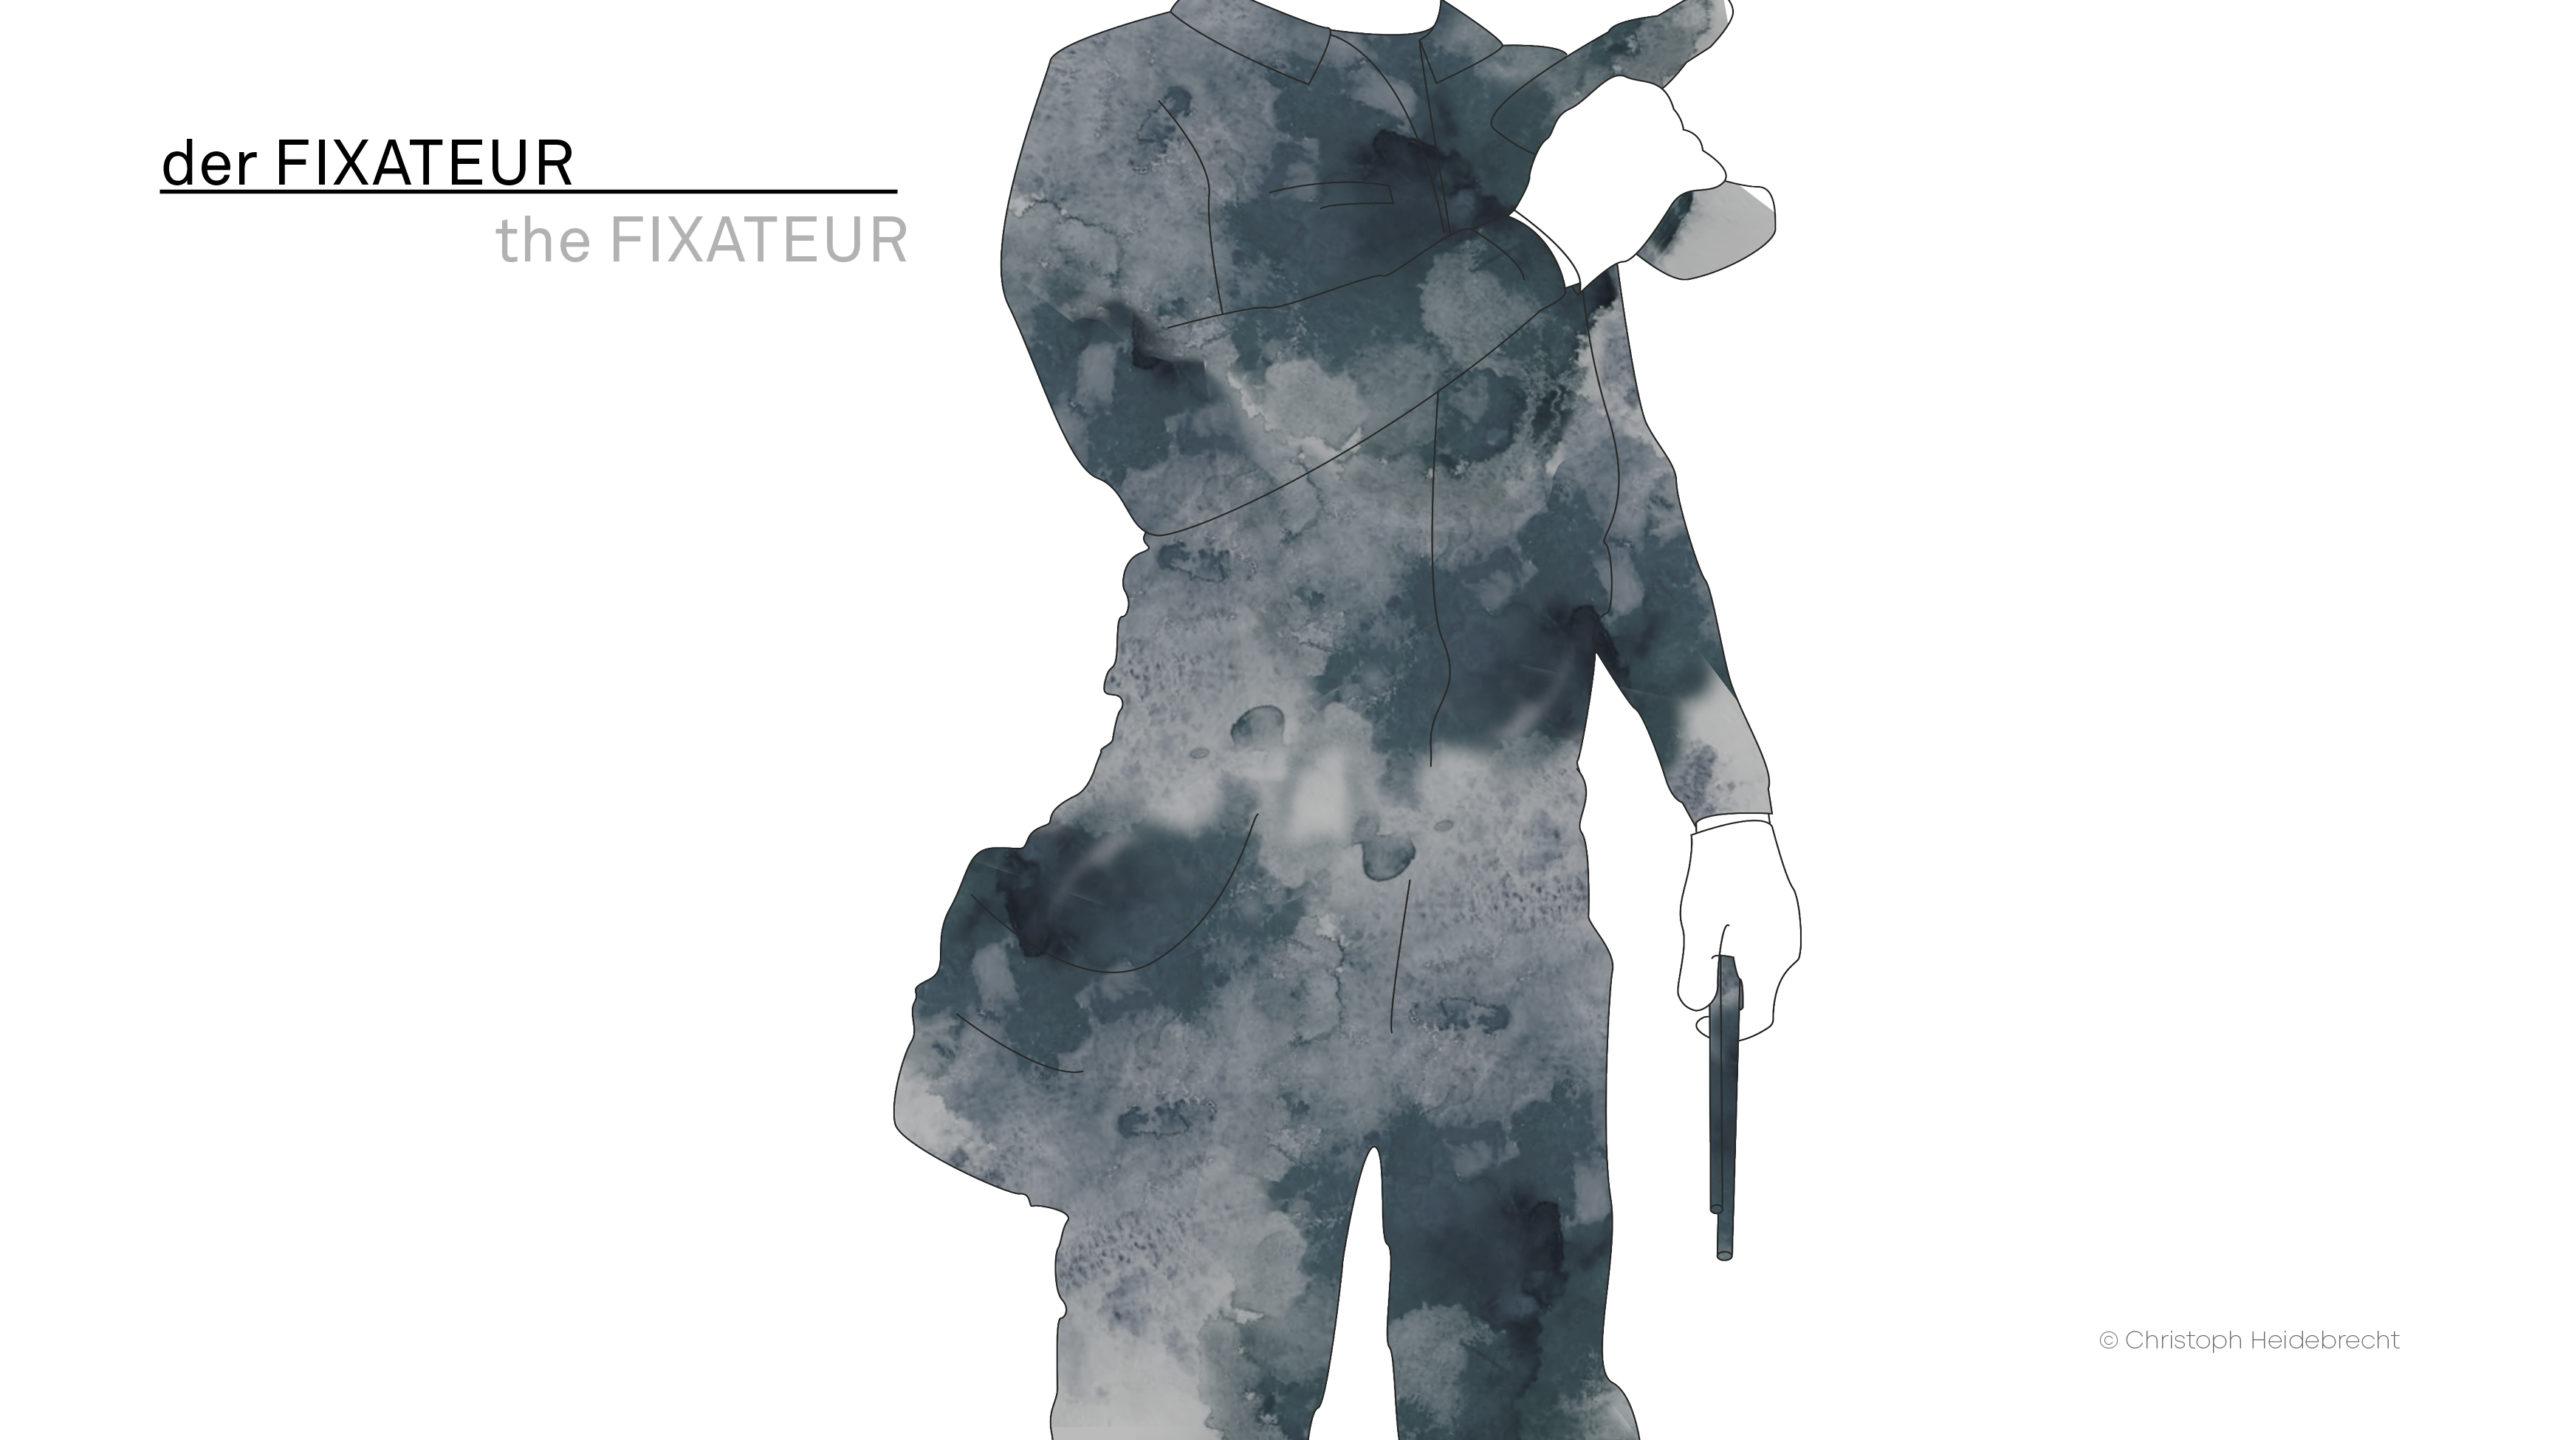 der Fixateur / the Fixateur